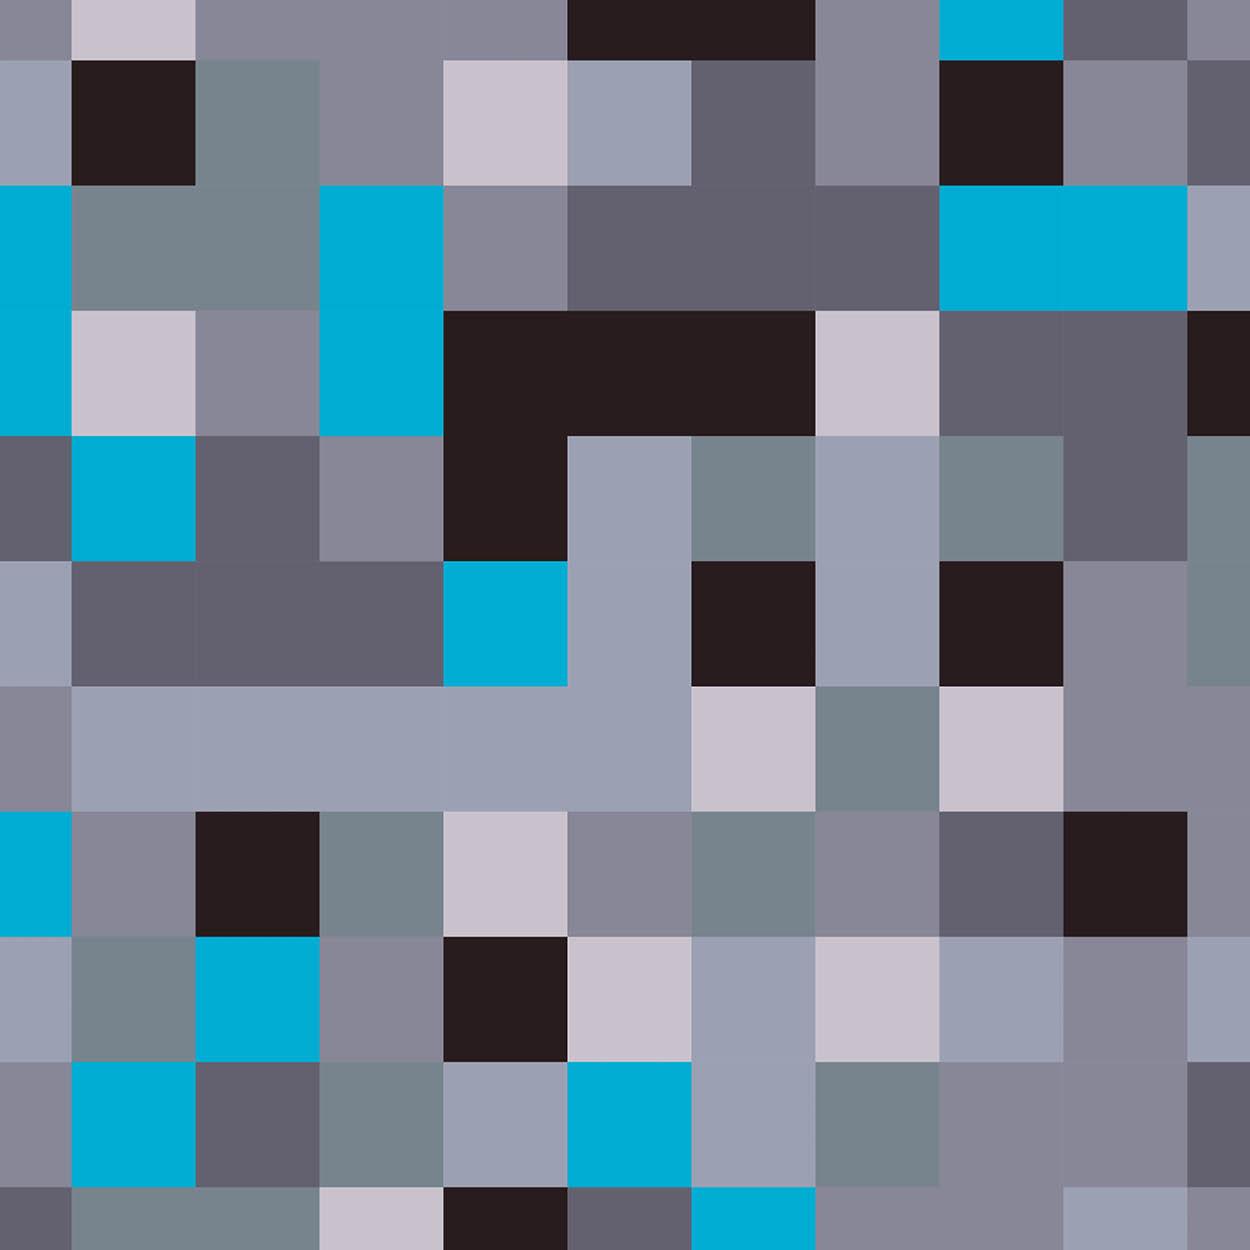 Big Pixel 3